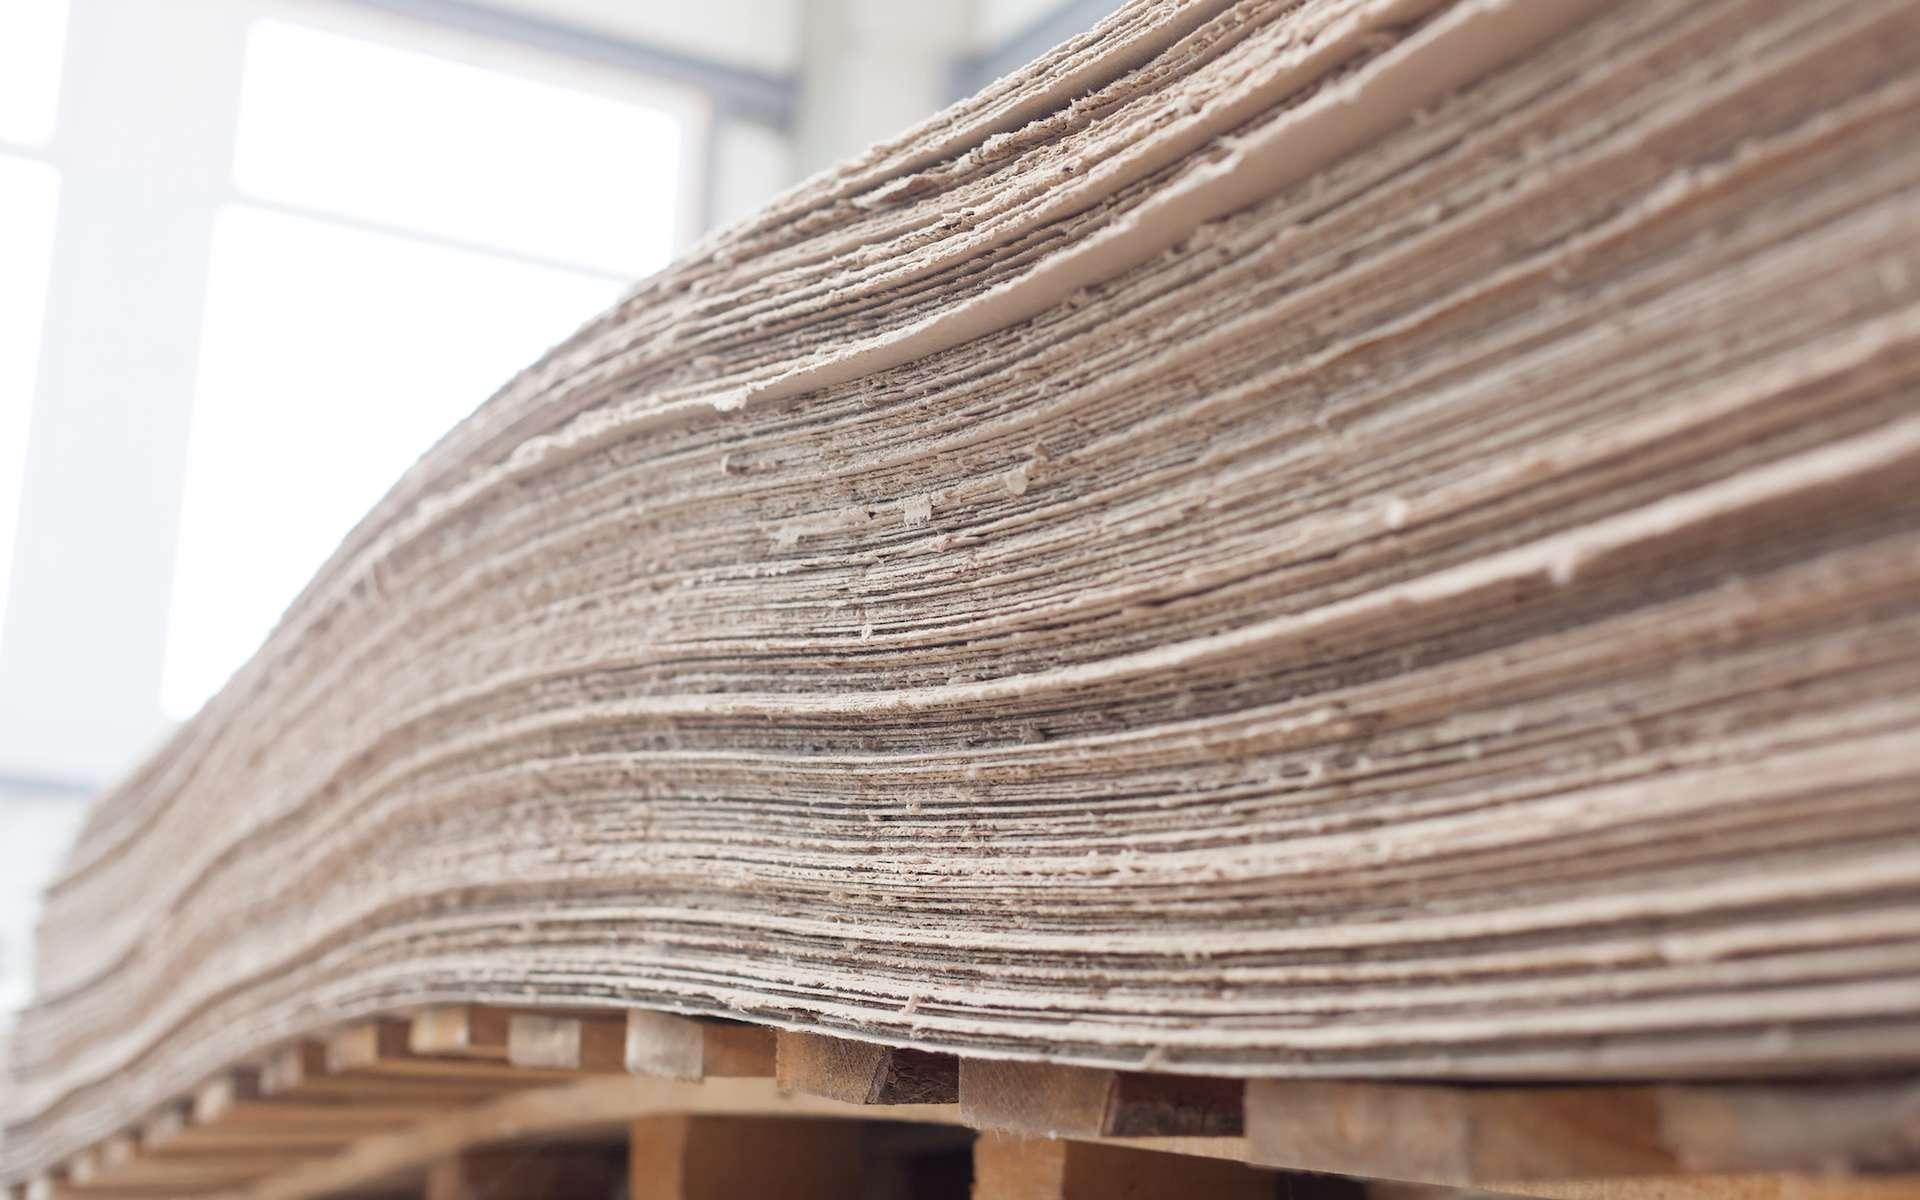 Même si elle perd en qualité au cours du processus, une feuille de papier peut être recyclée une dizaine de fois. © aerogondo2, Shutterstock